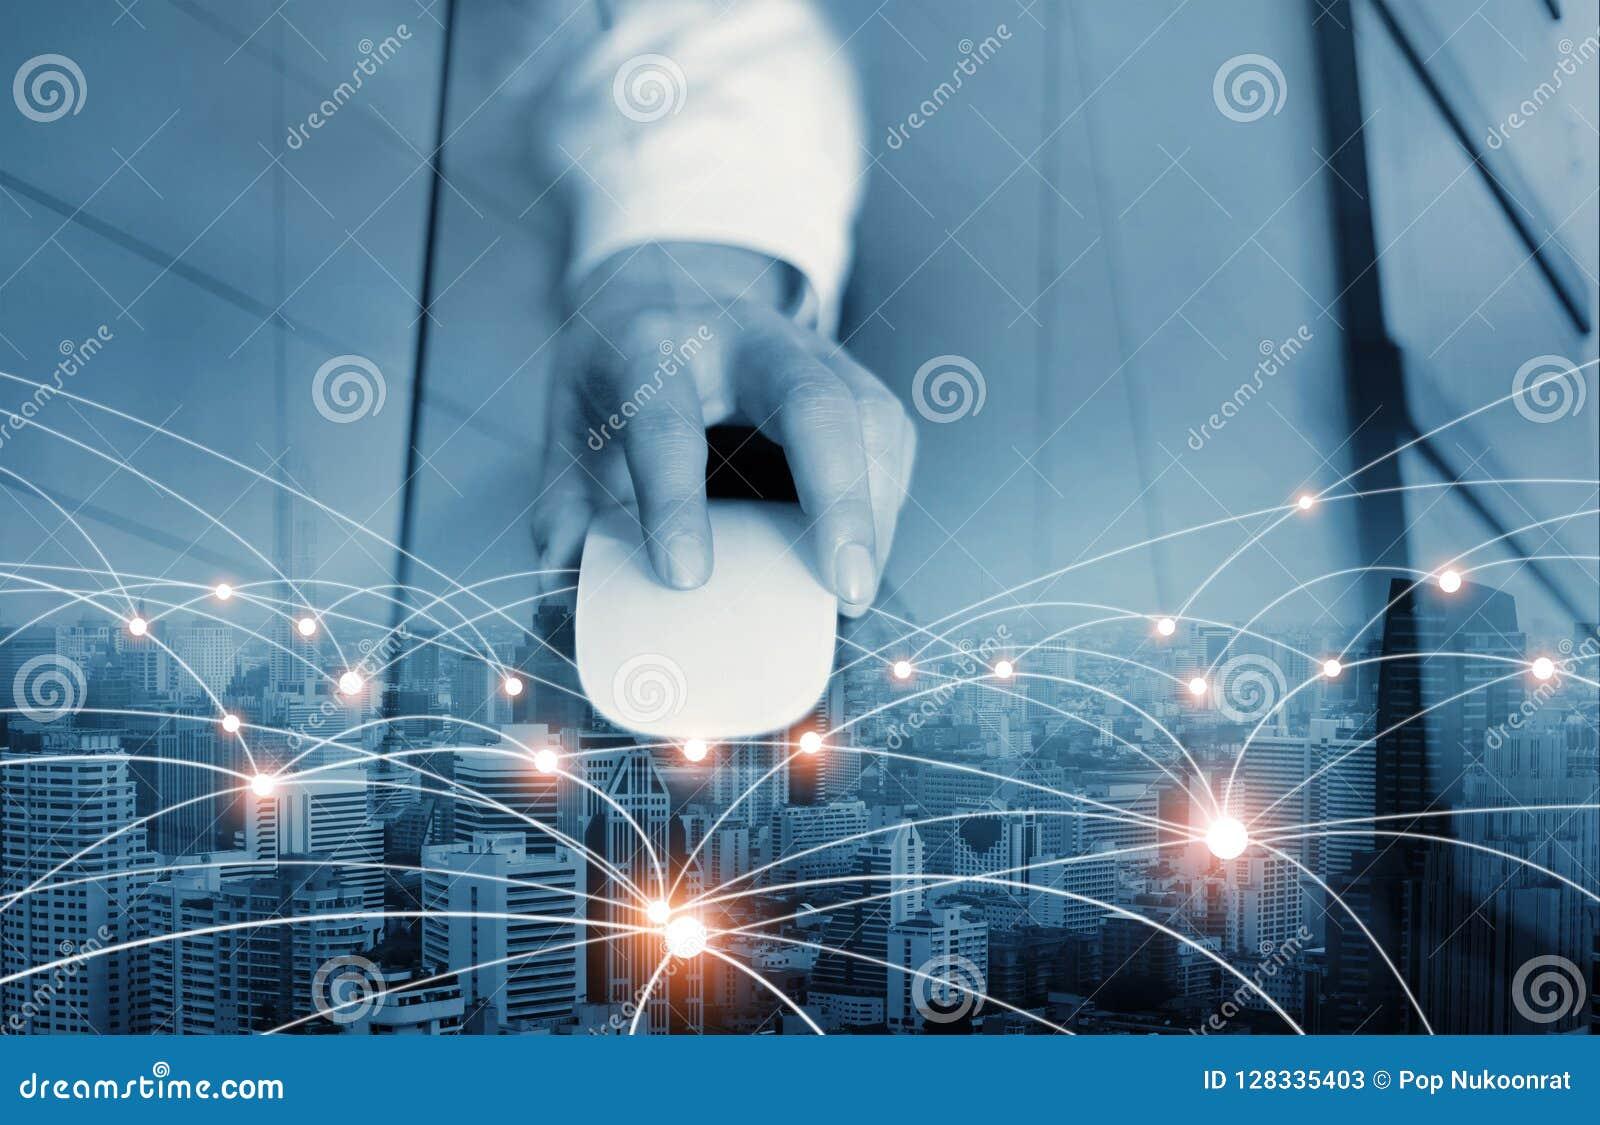 Zakenman die muis met behulp van die globale netwerk en gegevensuitwisseling conecting